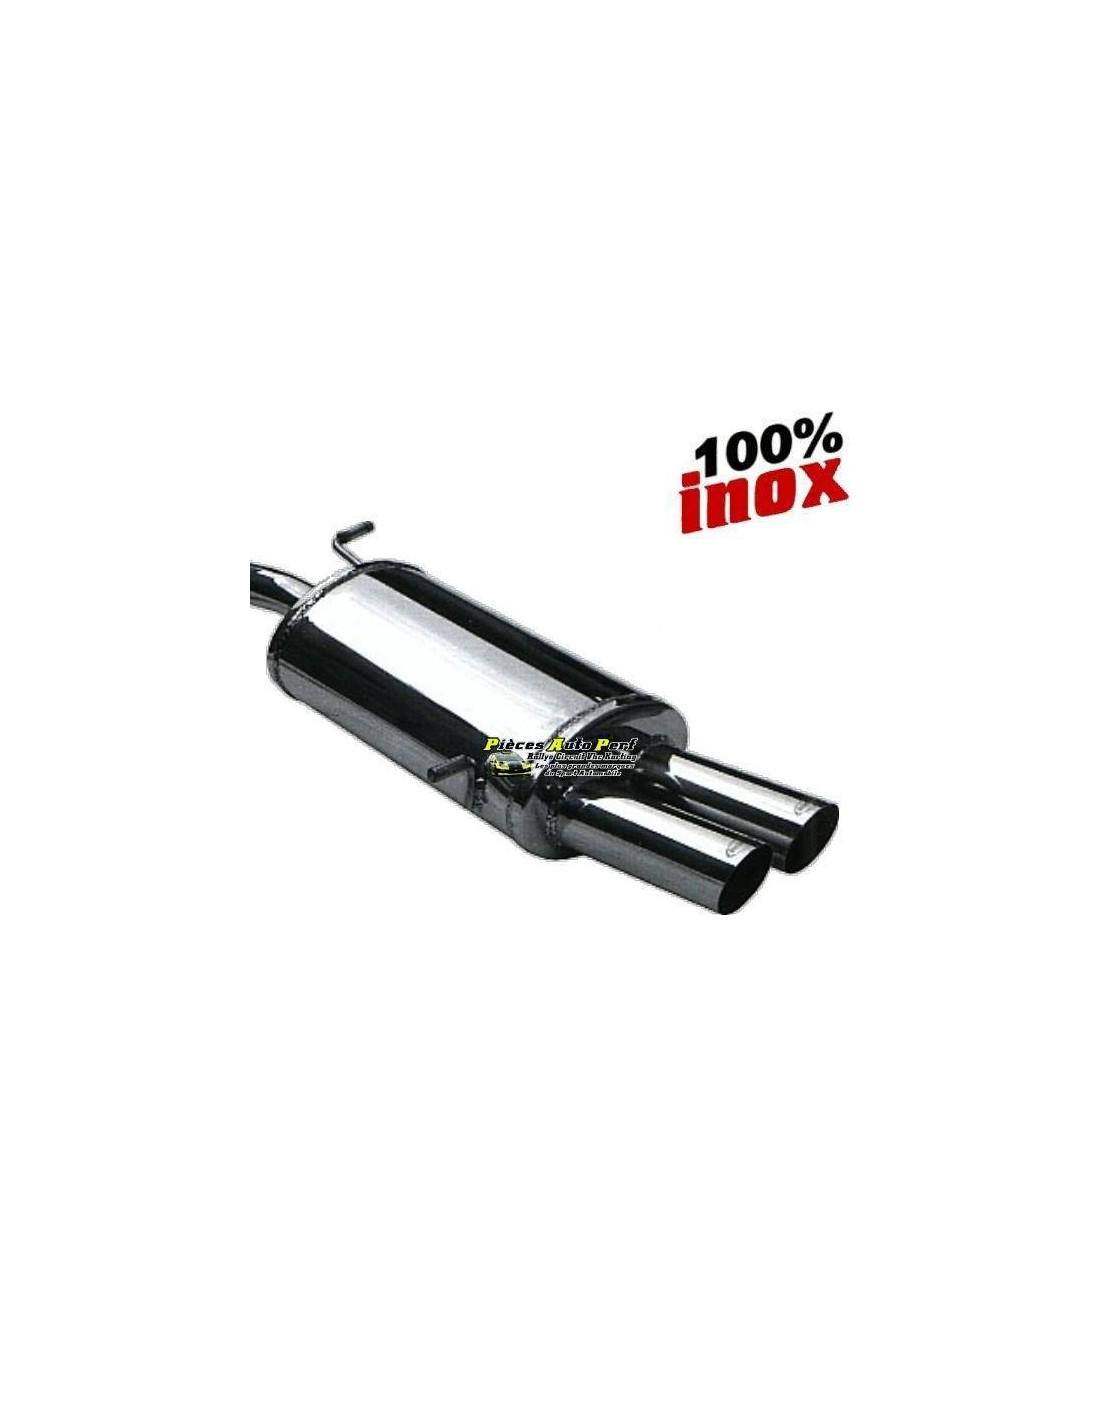 Silencieux Homologué Inox 2 sorties Racing 2x80mm Alfa